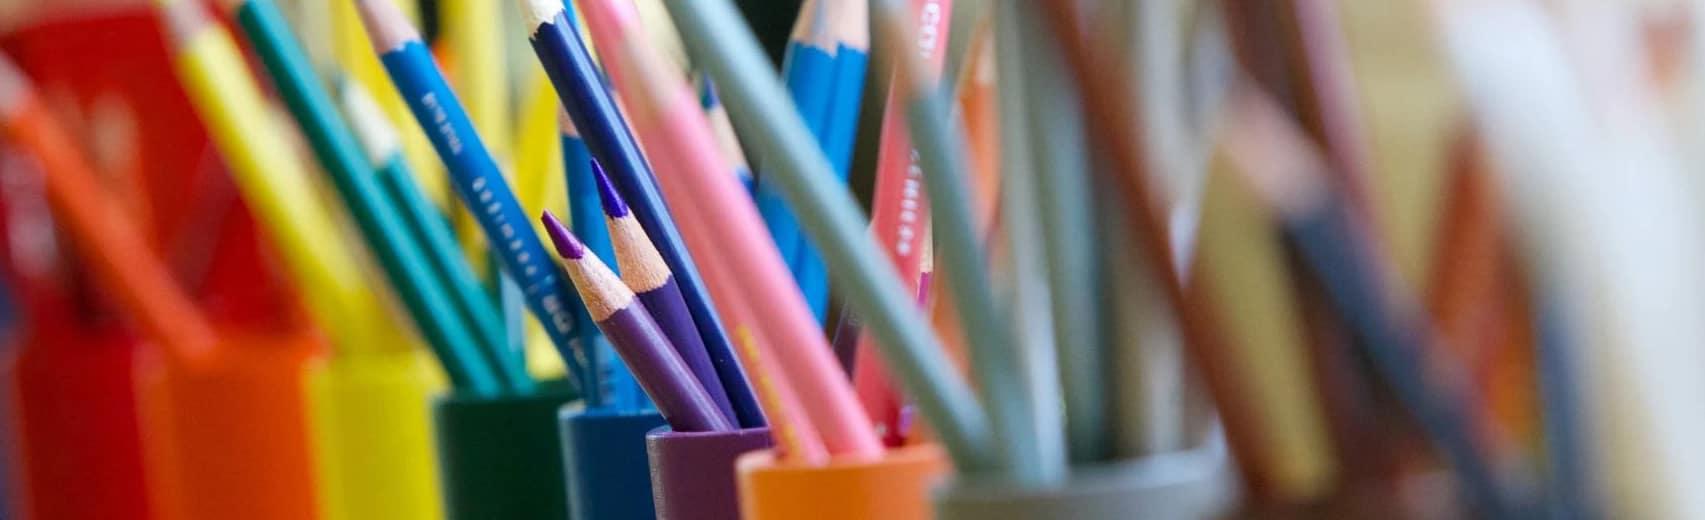 Ecole Bilingue Chardin - Ateliers et Stages vacances